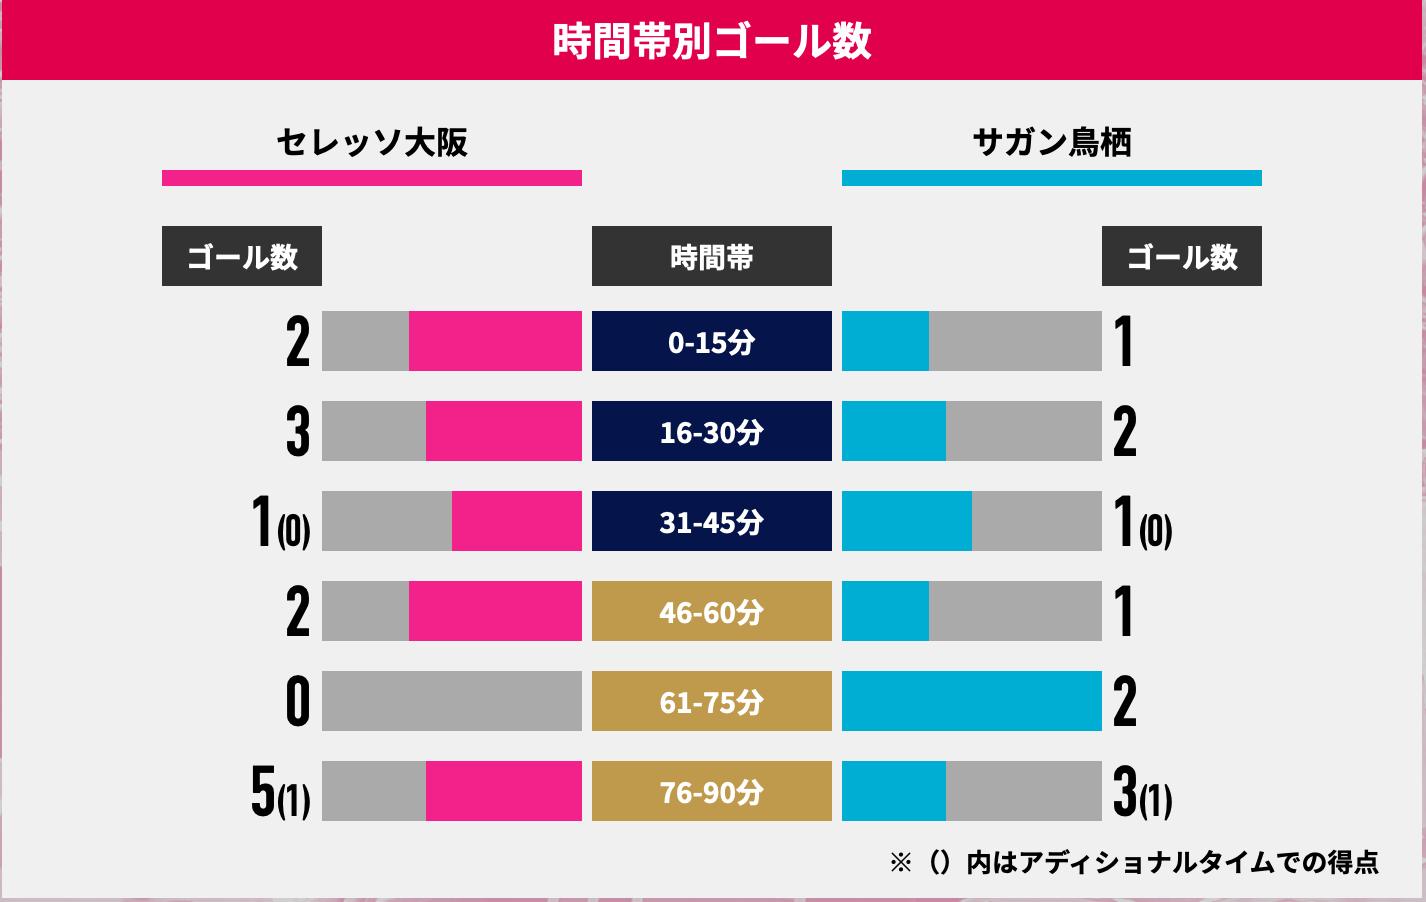 セレッソ大阪 vs サガン鳥栖の過去の対戦成績セレッソ大阪 vs サガン鳥栖の過去の対戦成績